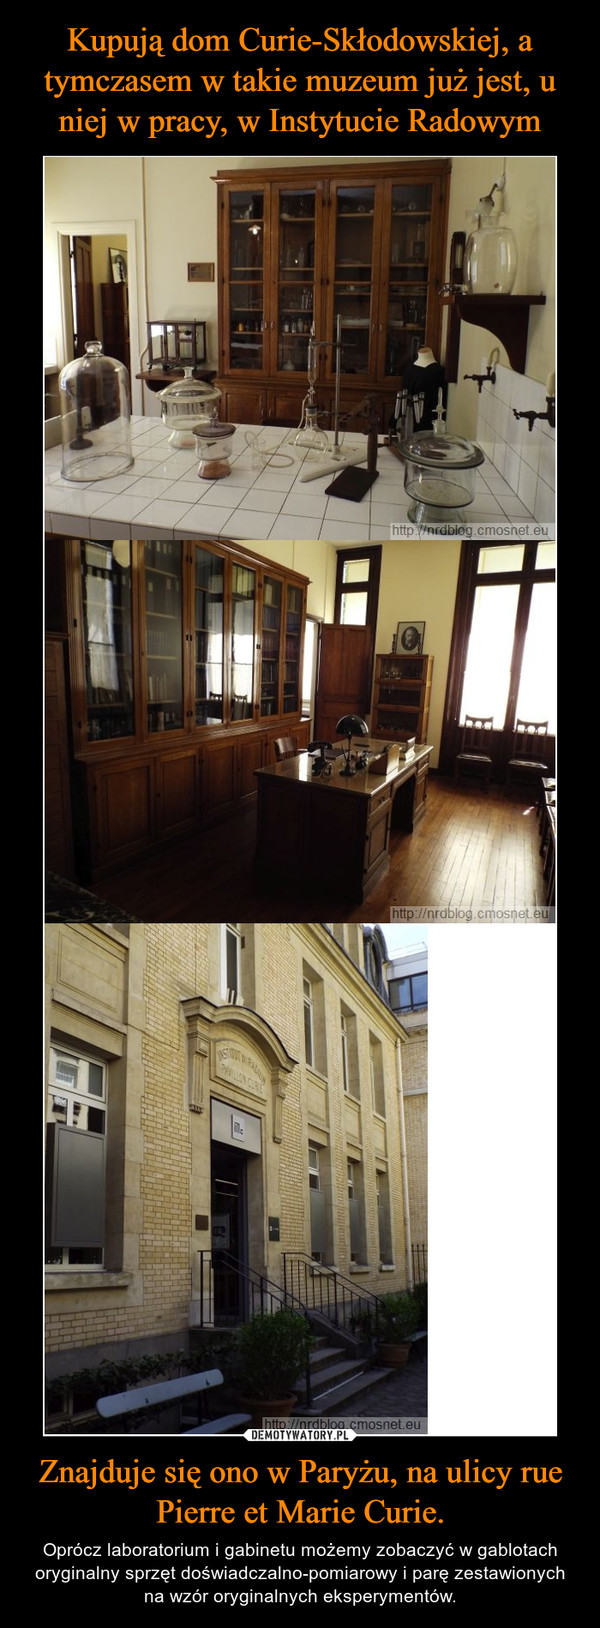 Znajduje się ono w Paryżu, na ulicy rue Pierre et Marie Curie. – Oprócz laboratorium i gabinetu możemy zobaczyć w gablotach oryginalny sprzęt doświadczalno-pomiarowy i parę zestawionych na wzór oryginalnych eksperymentów.